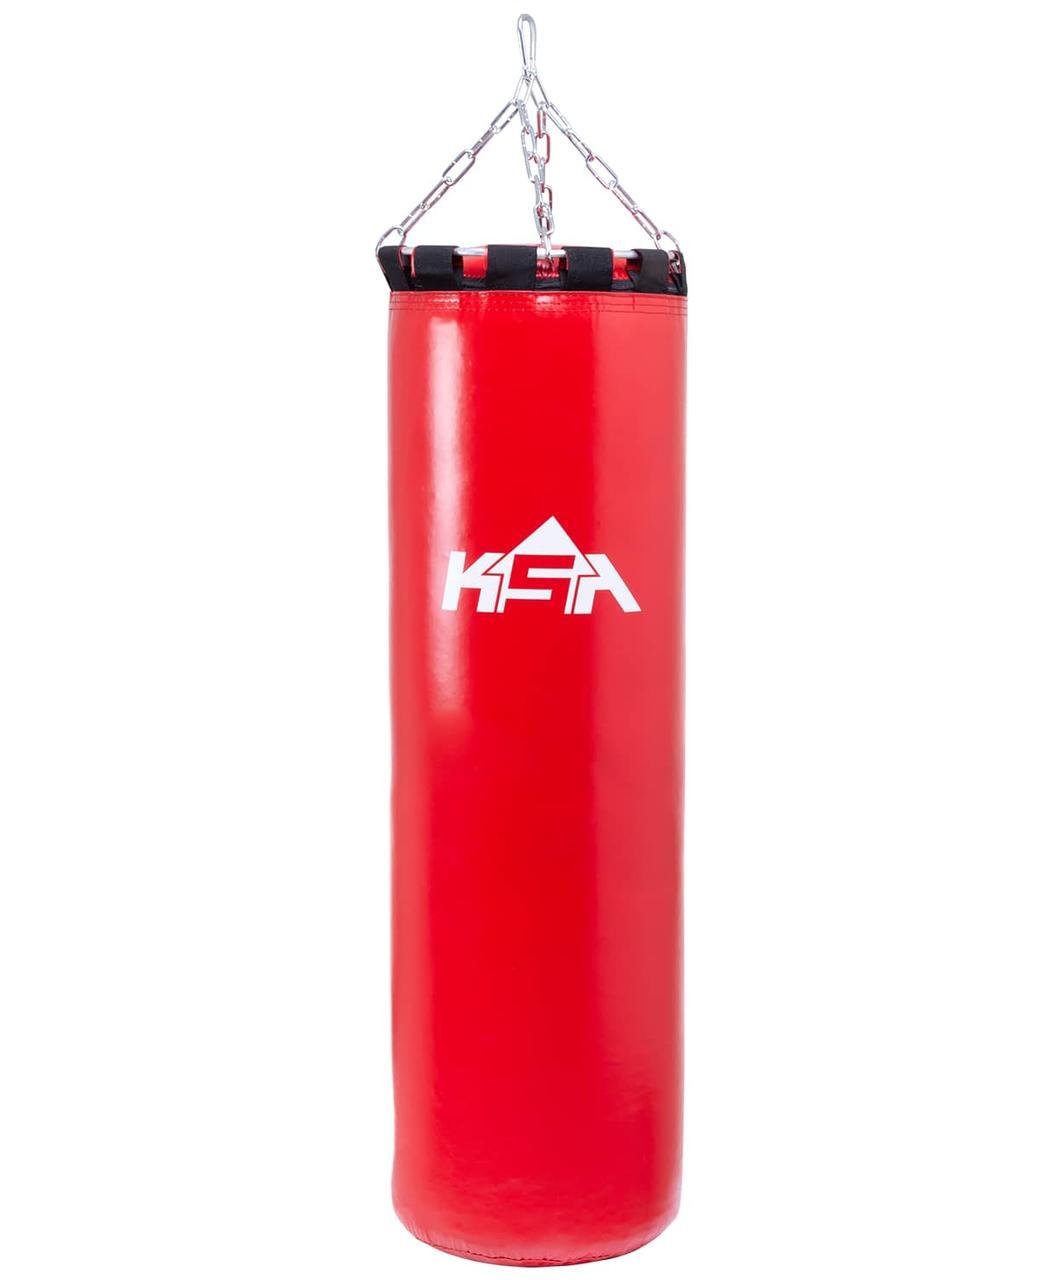 Мешок боксерский PB-01, 100 см, 35 кг, тент, красный KSA